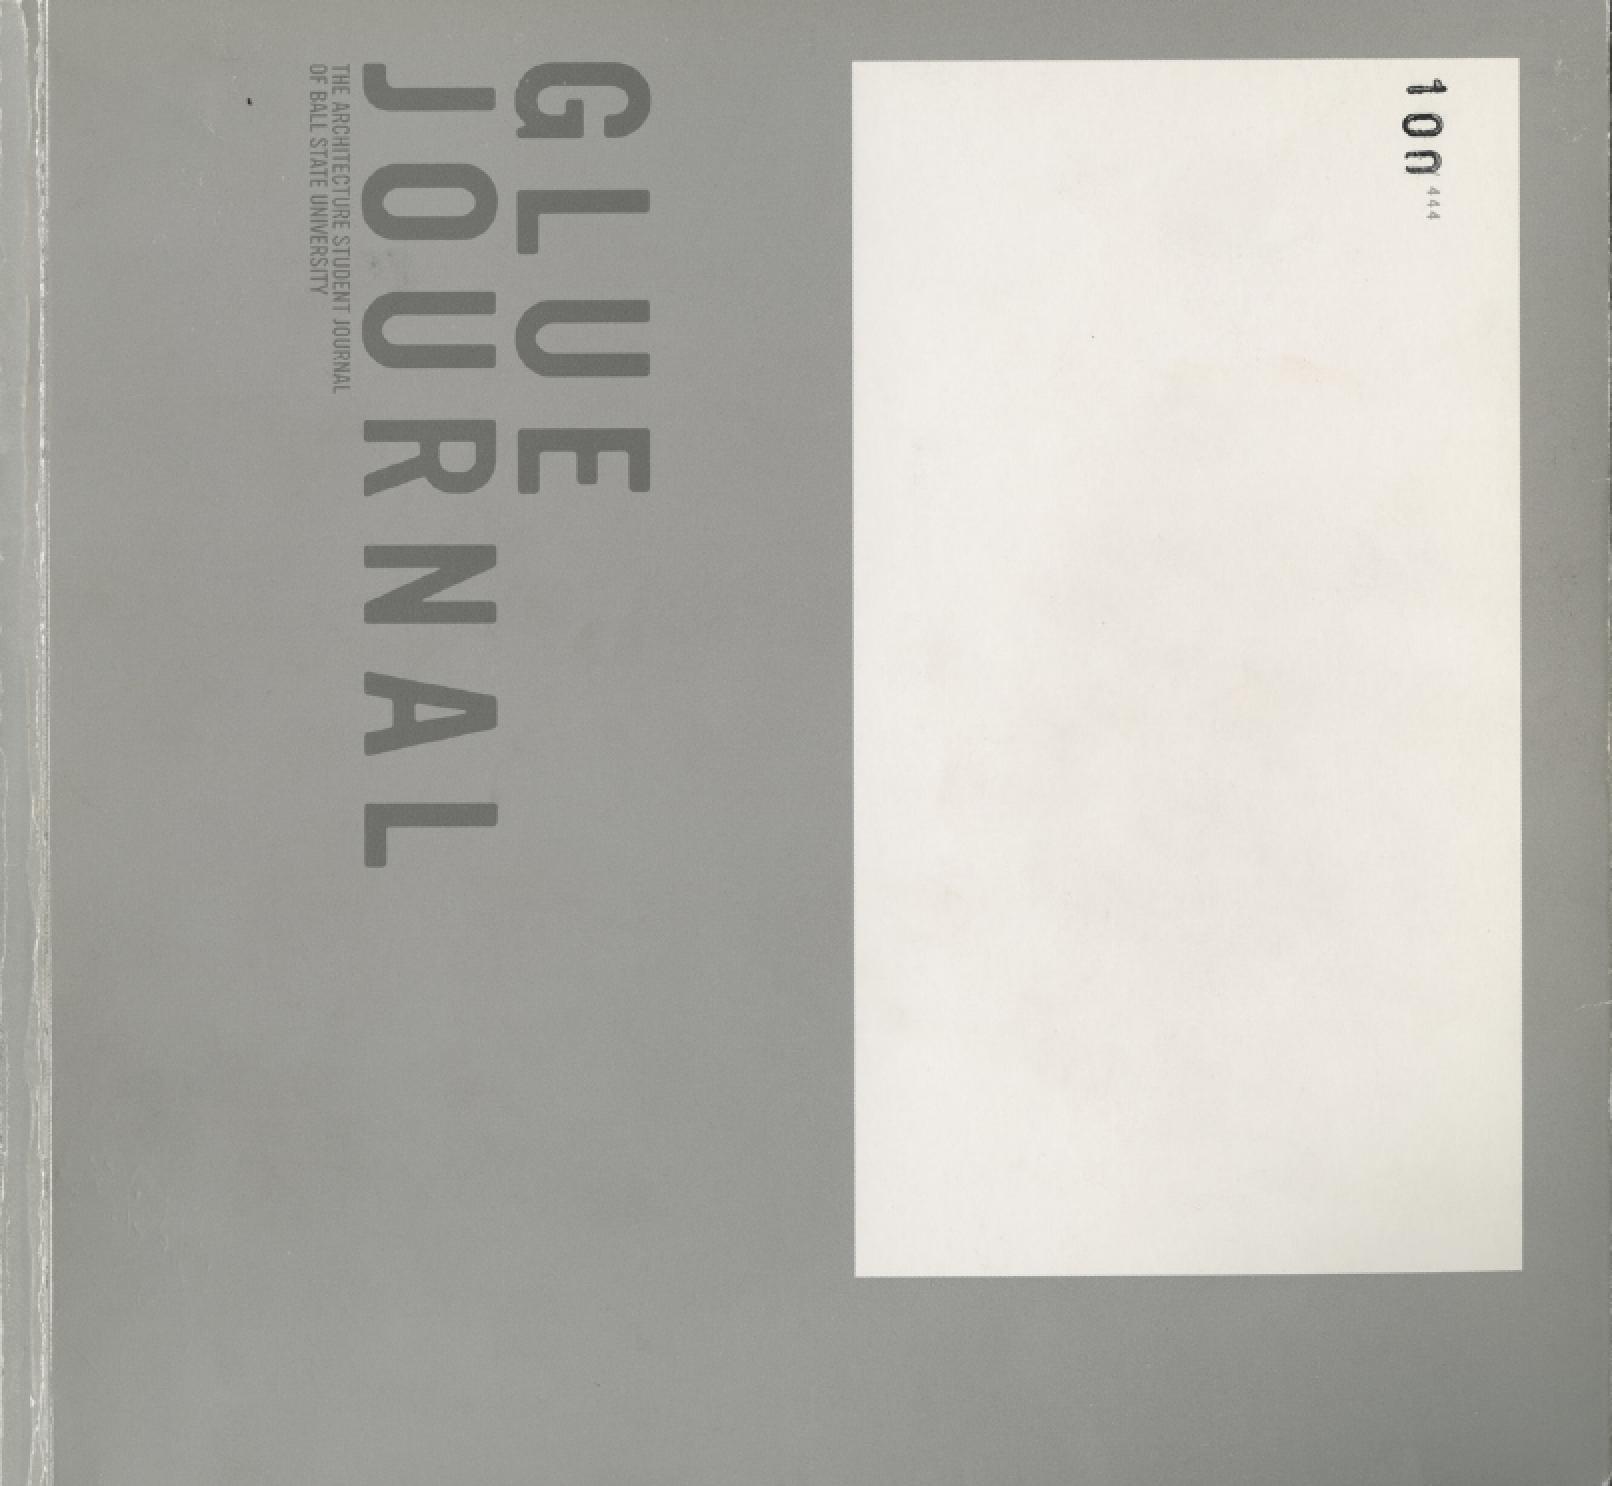 glUe 05